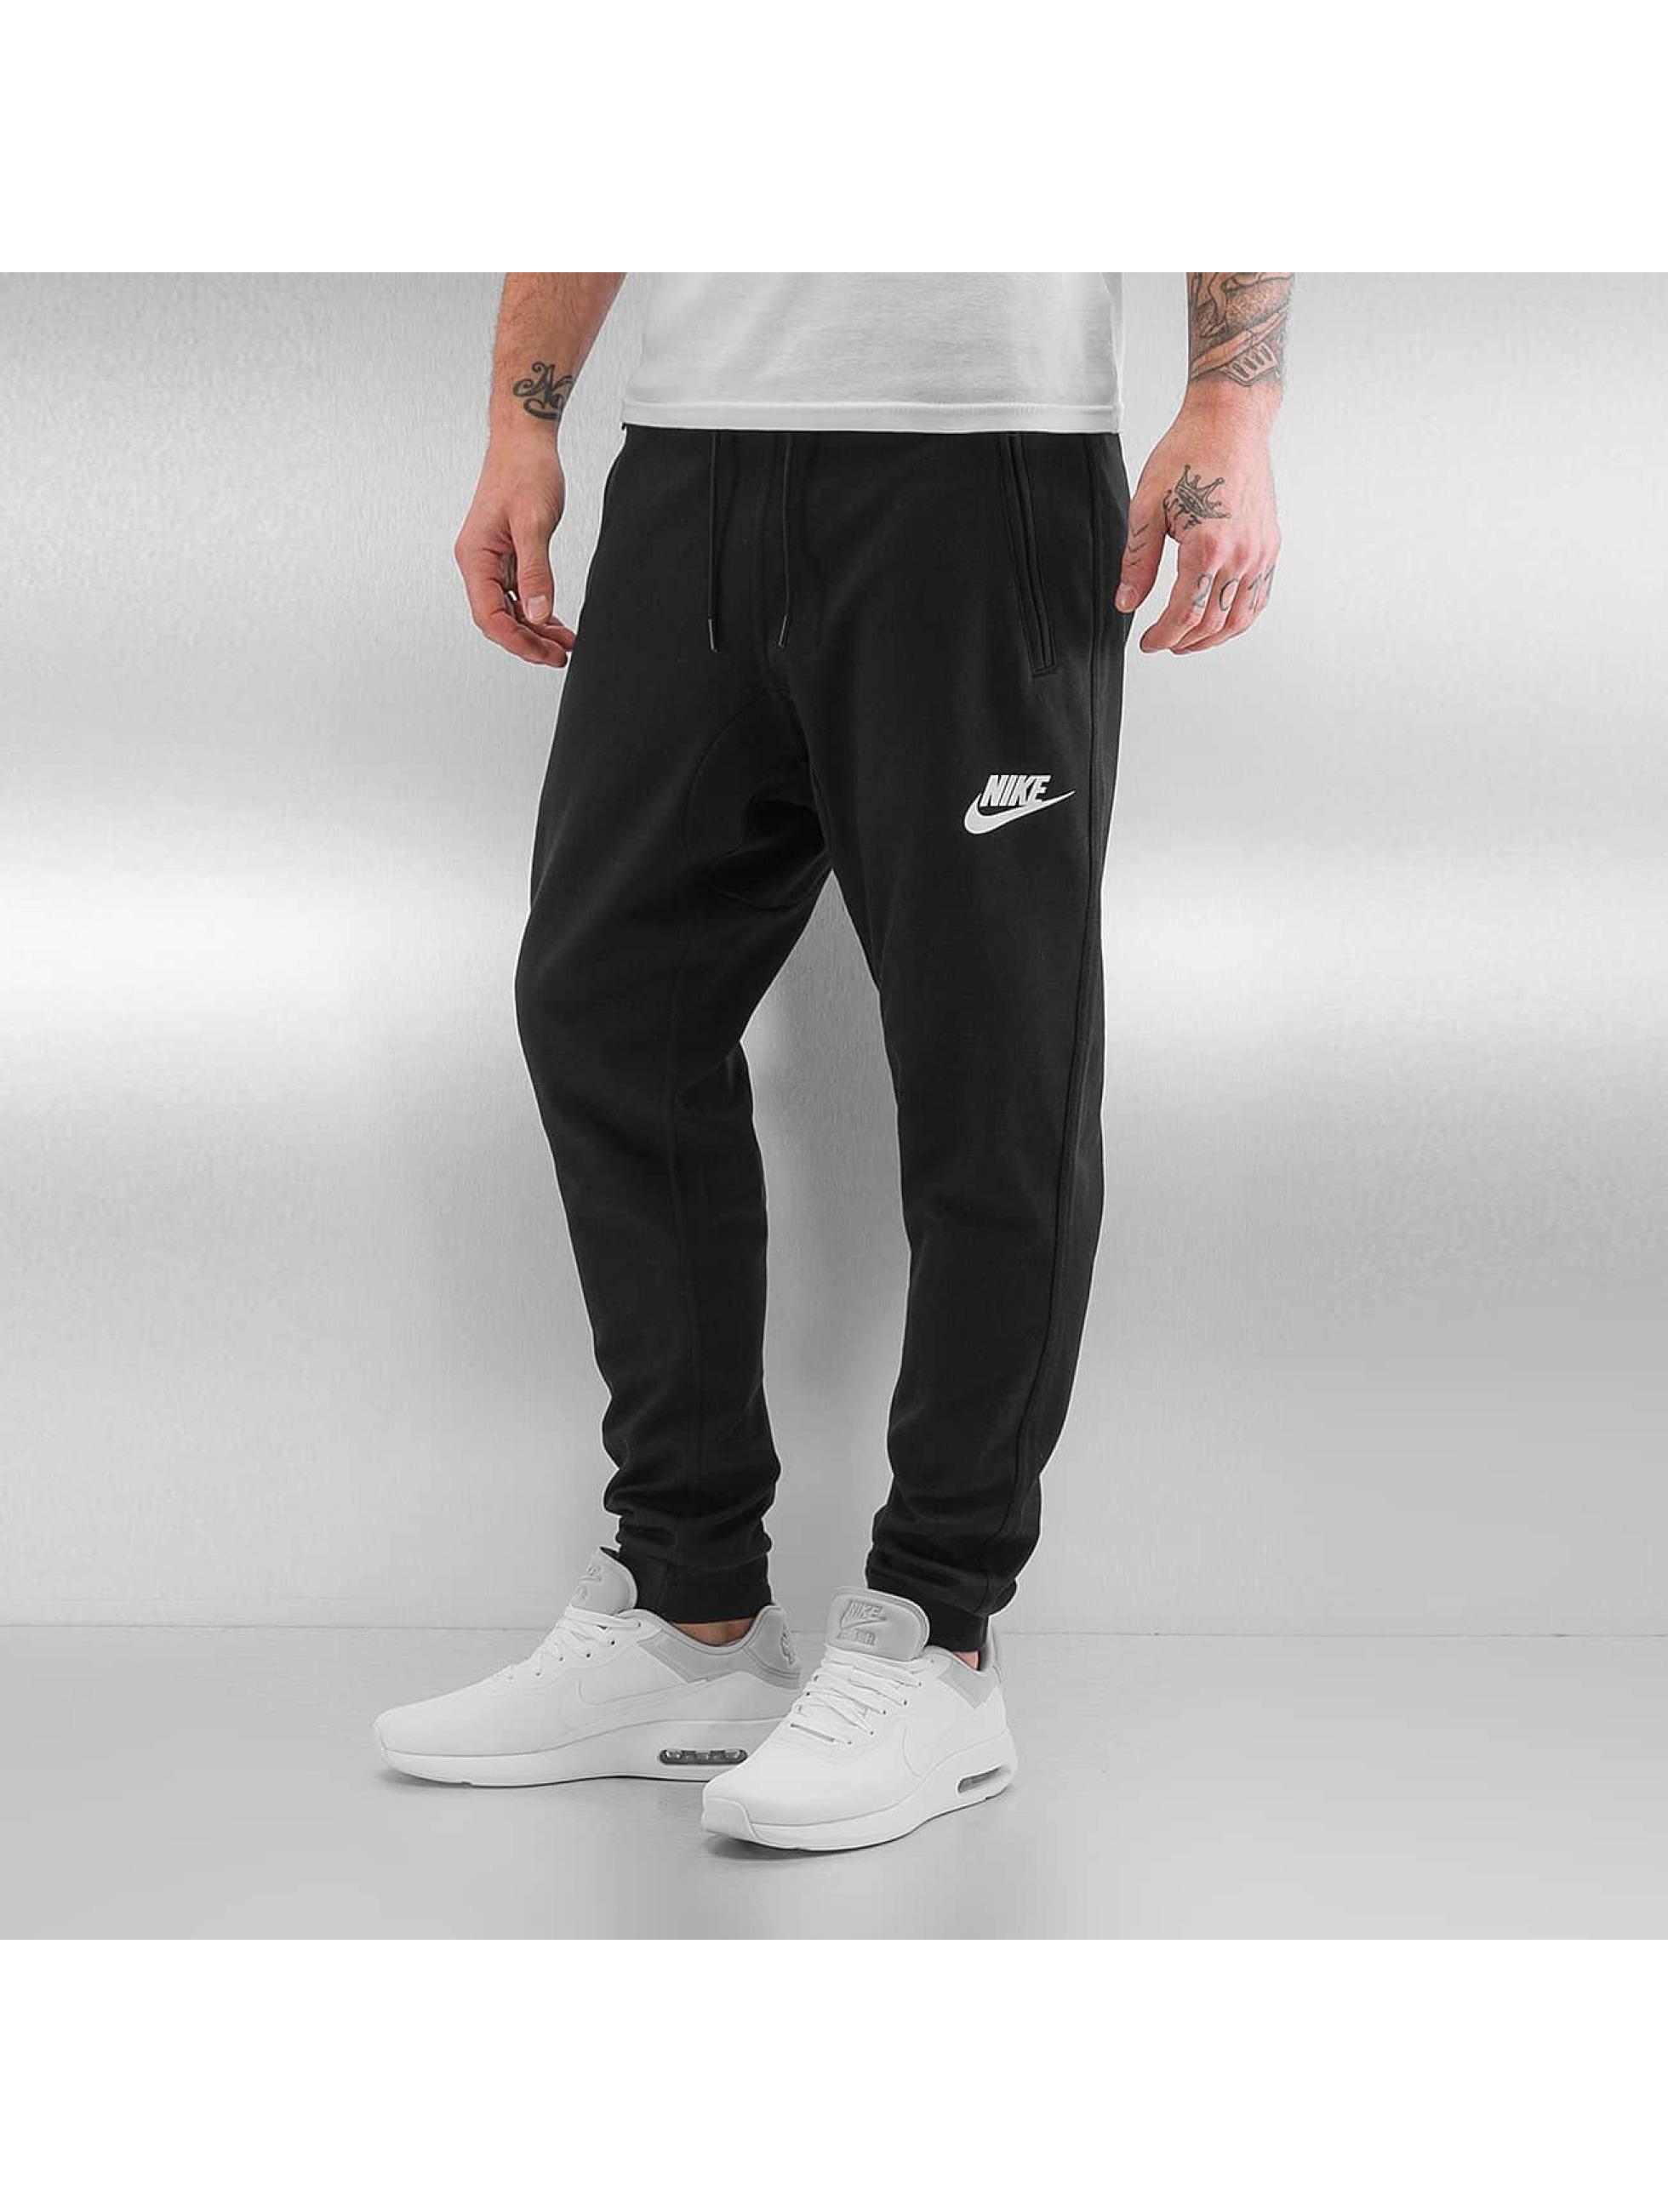 Nike Männer Jogginghose Sportswear Advance 15 in schwarz